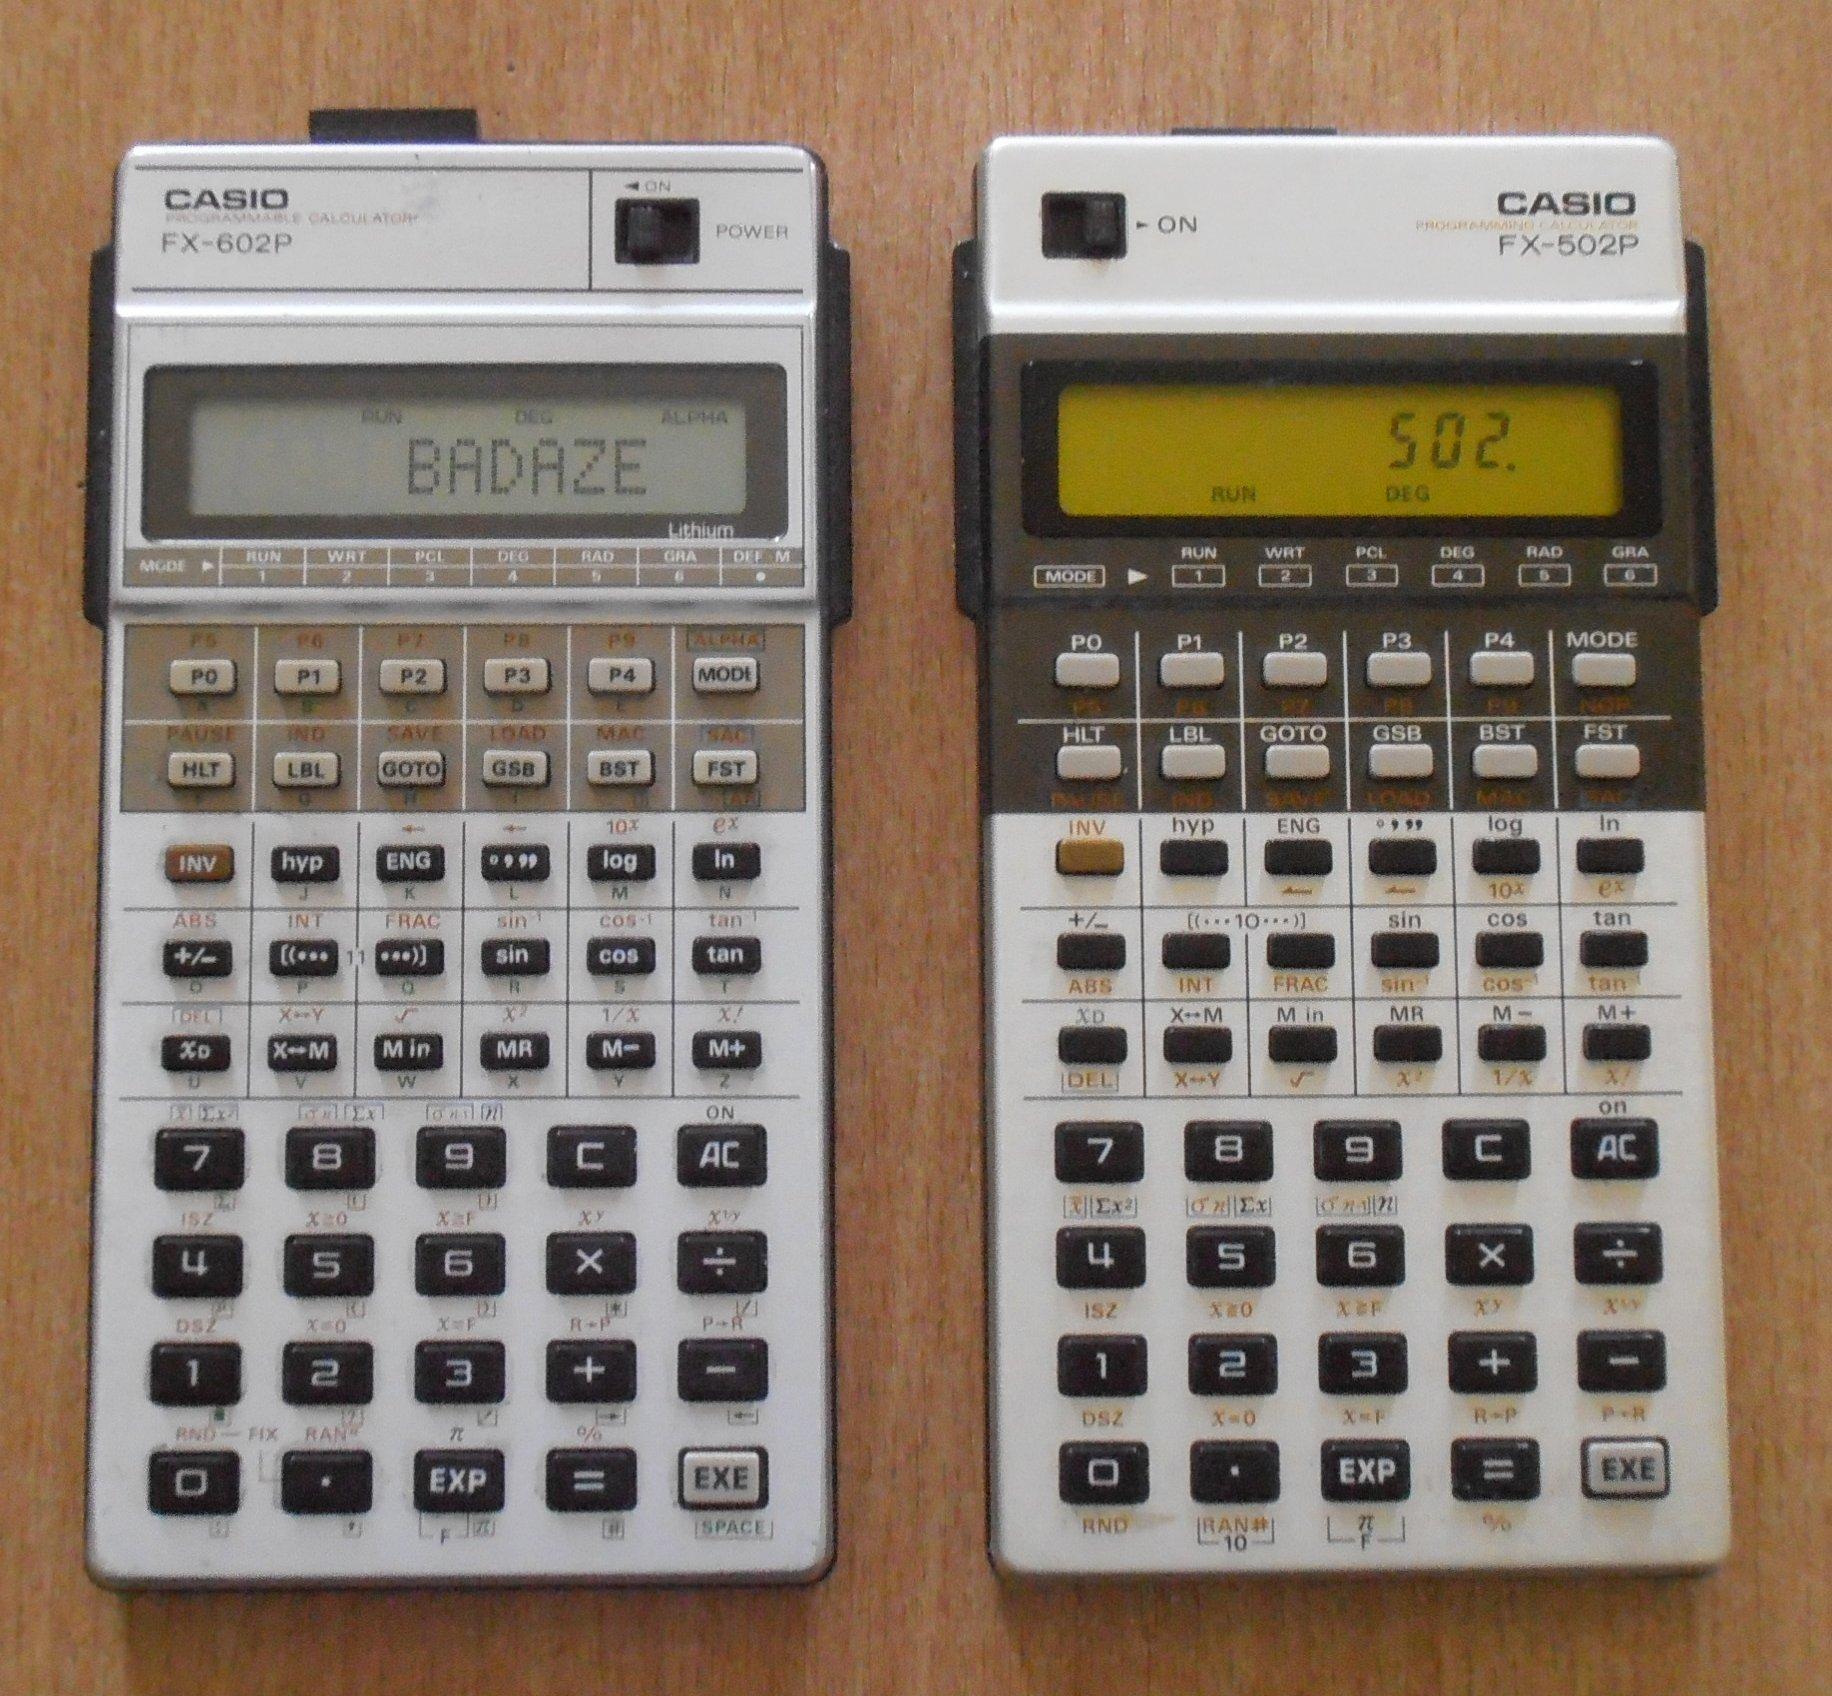 FX-602P et FX-502P